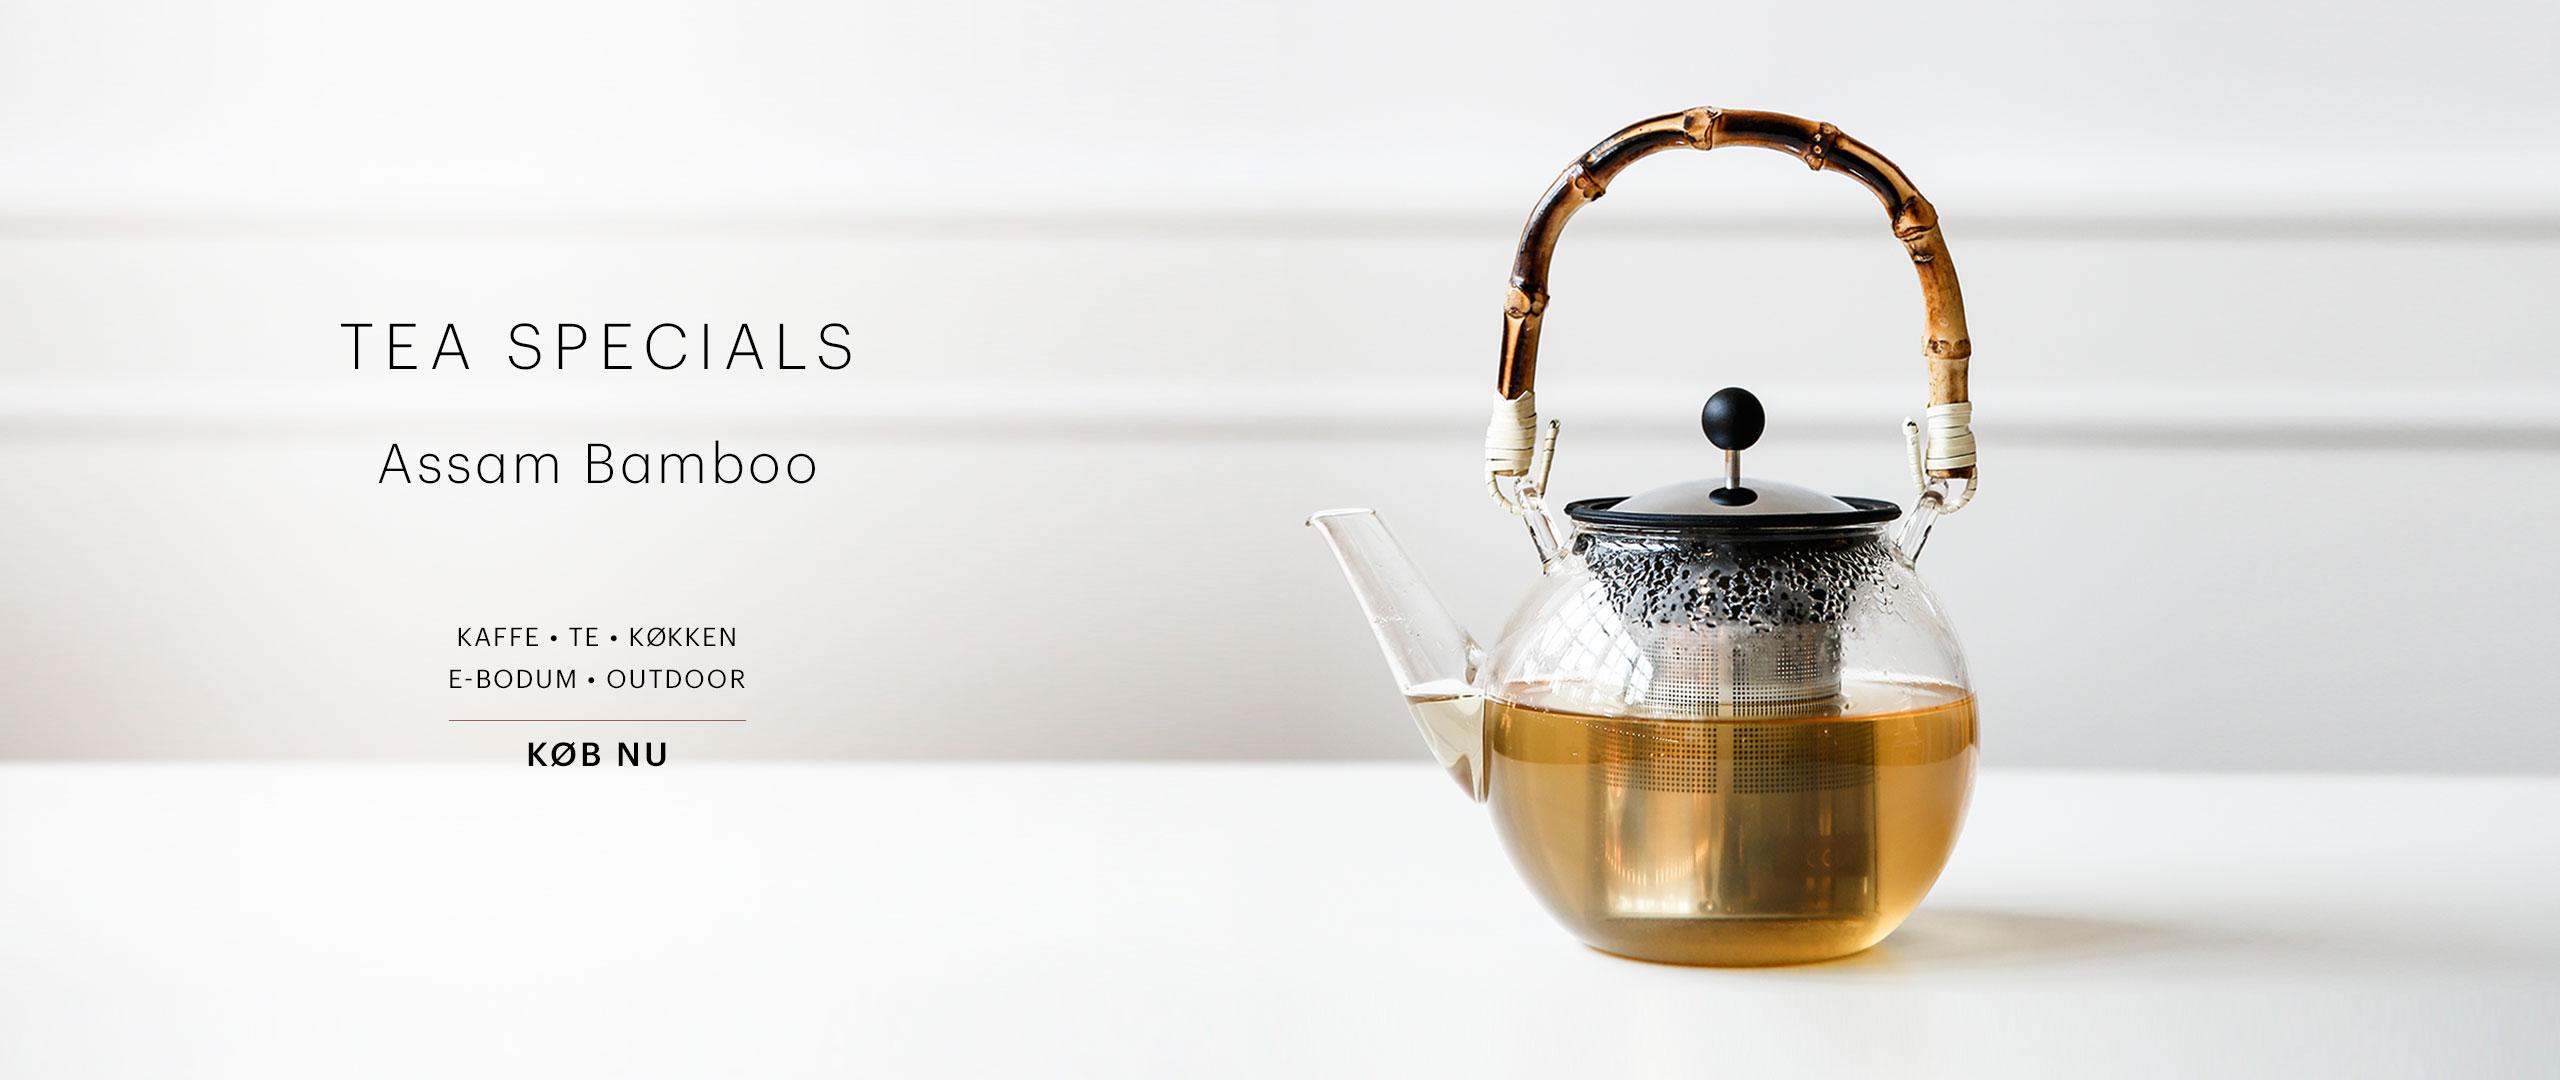 BEU - [DK]  - Tea Specials